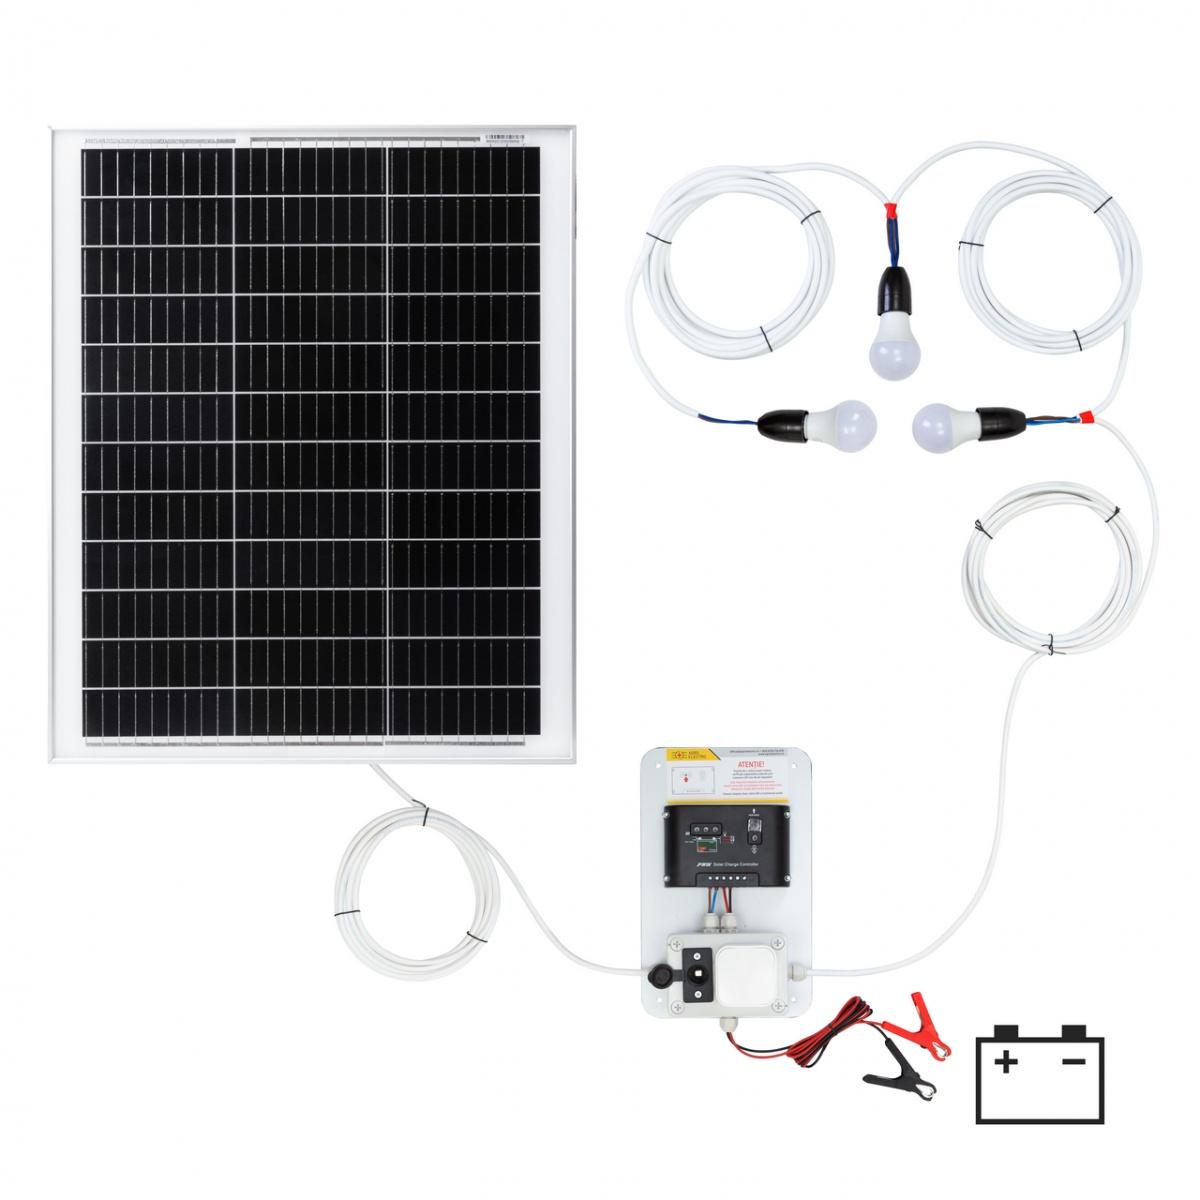 Világításrendszer 50W-os napelemmel és 3 égővel